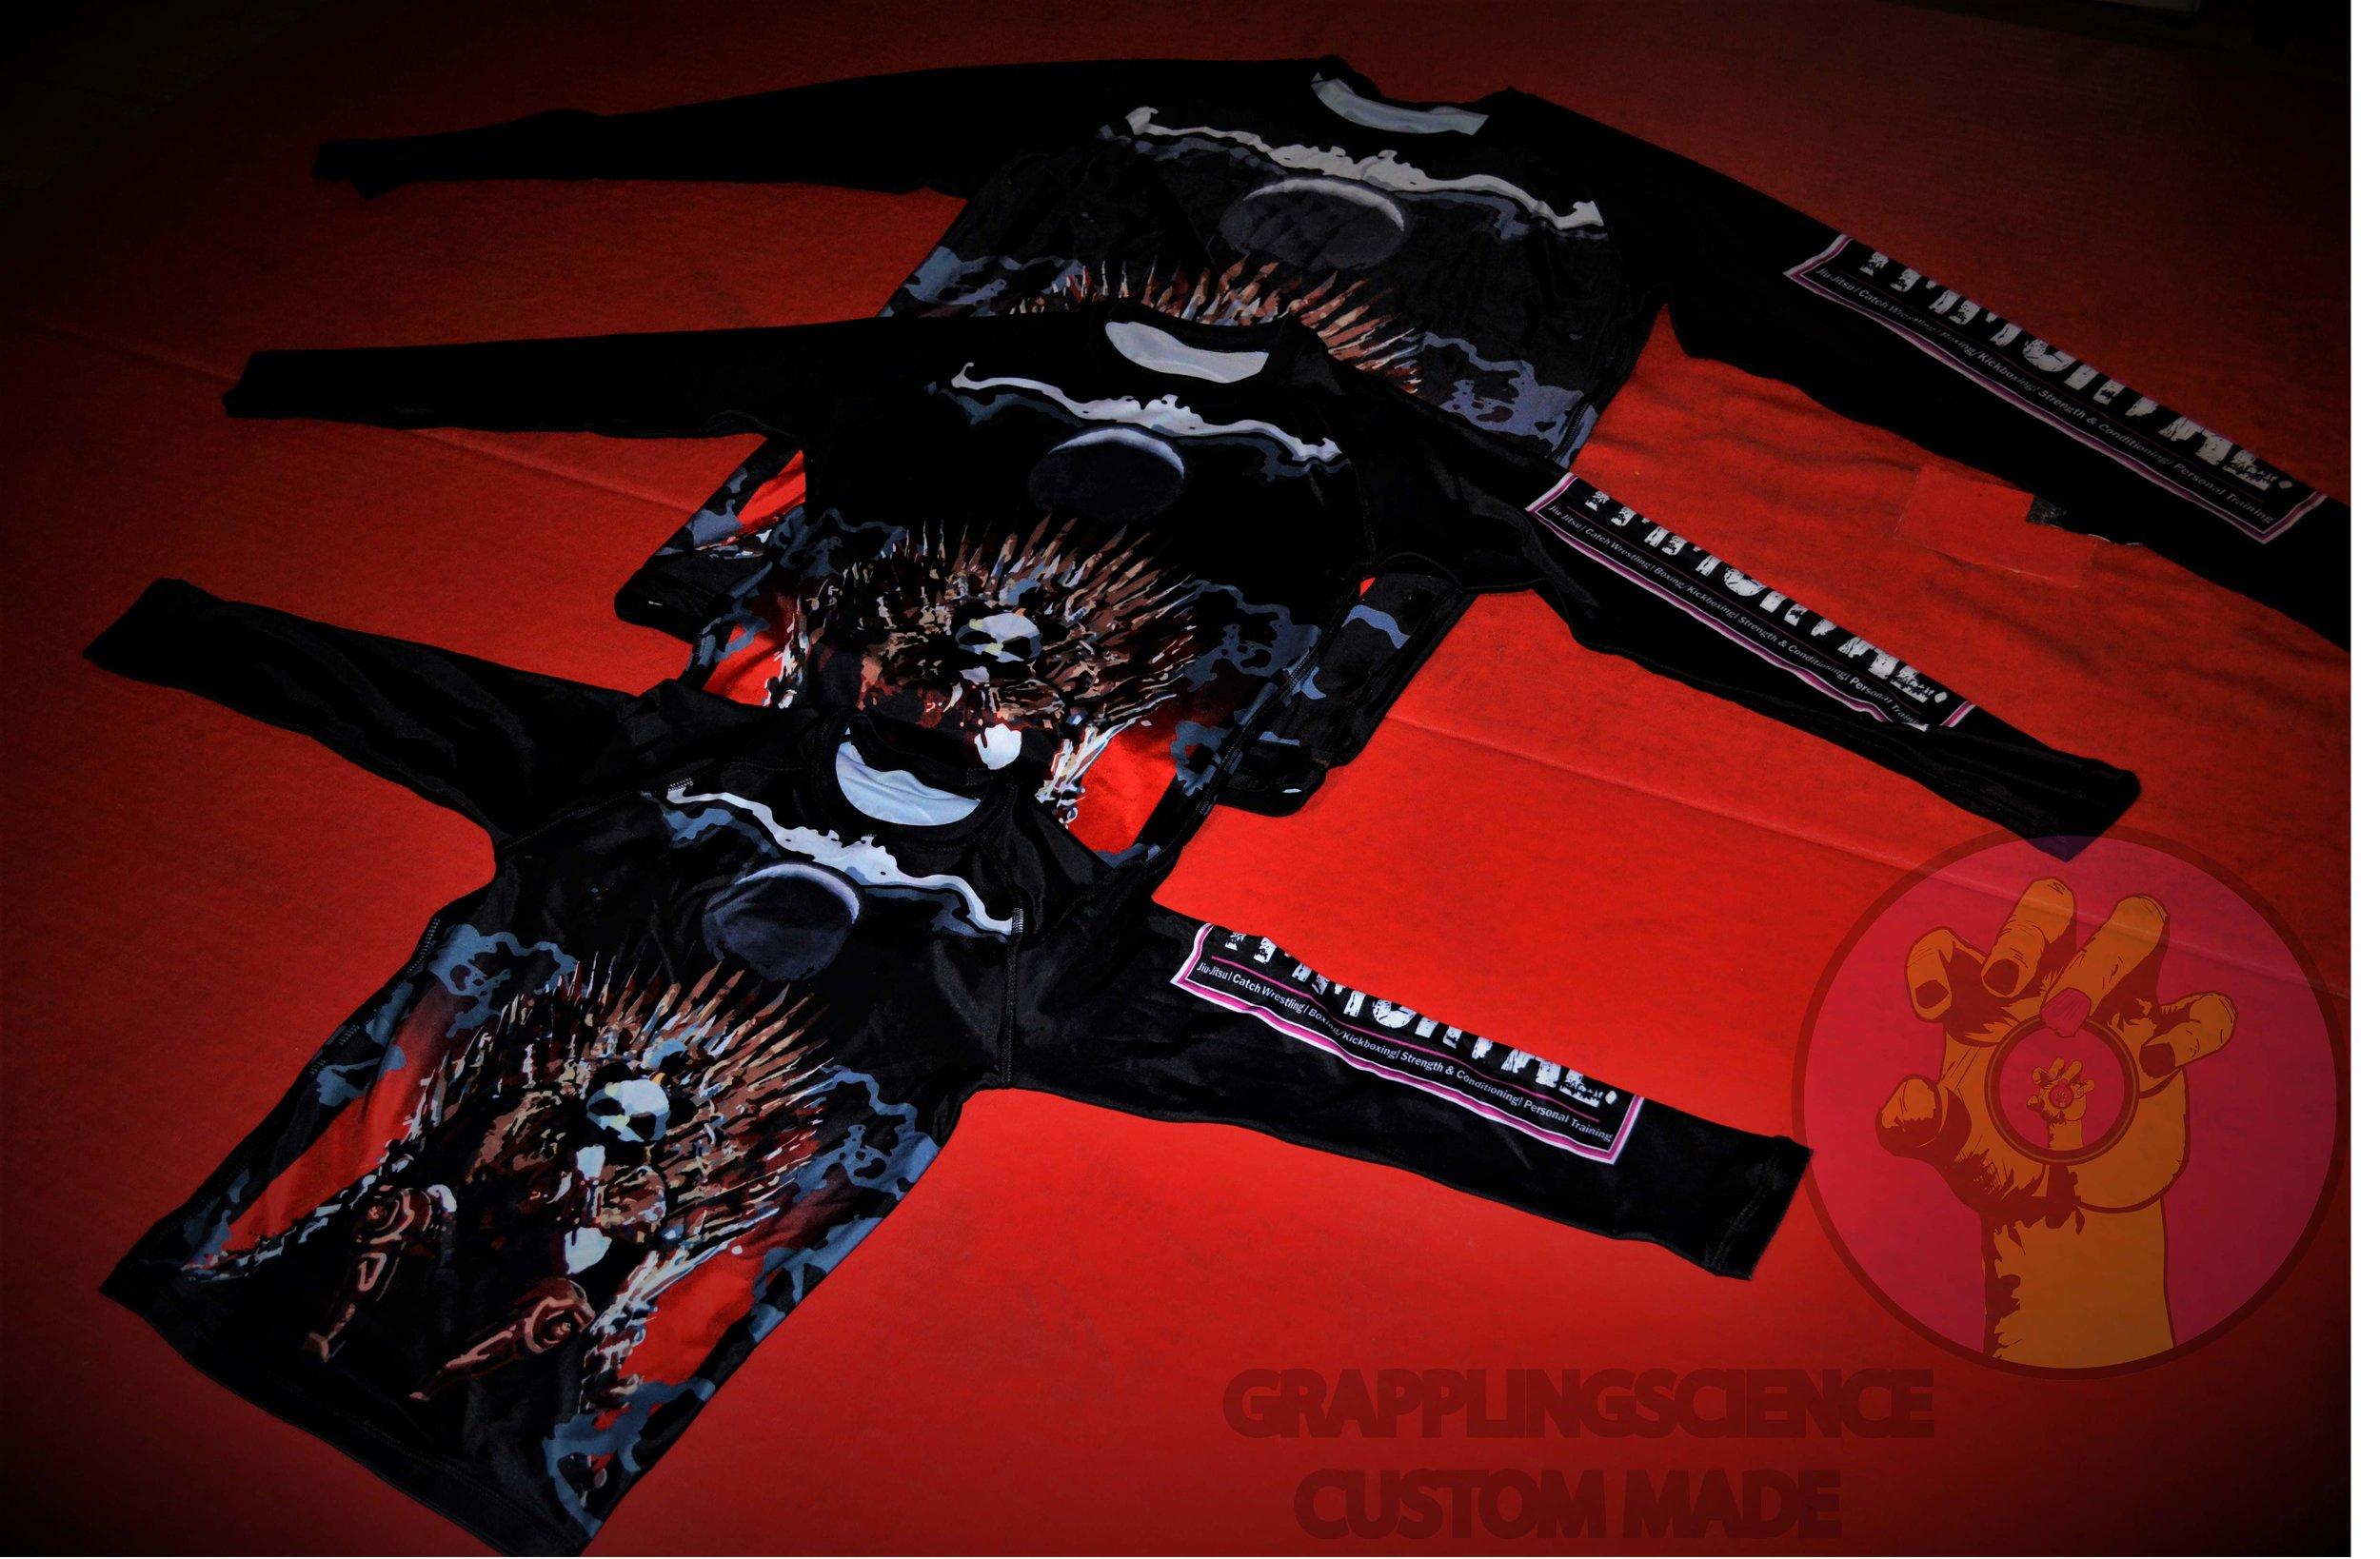 http://www.grapplingsciences.com/rashguards/panda-king